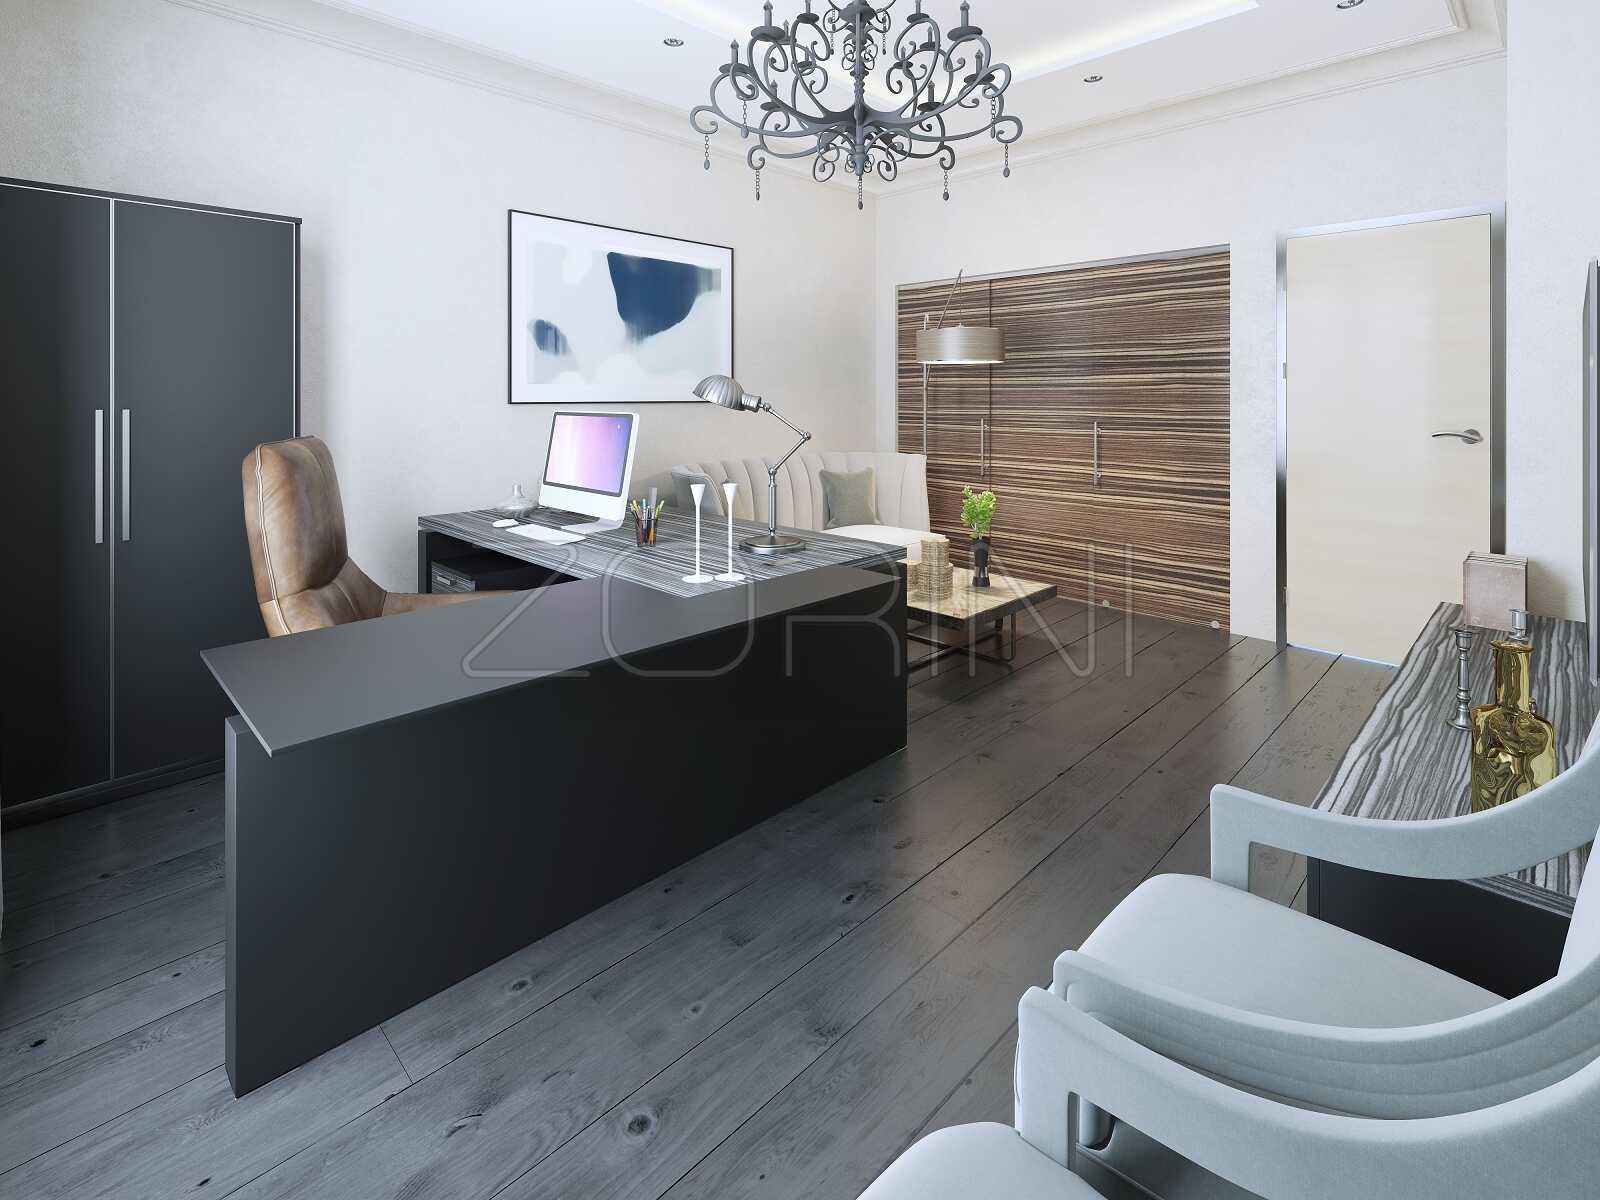 Мебель для кабинета руководителя премиум класса Норфолк - фото